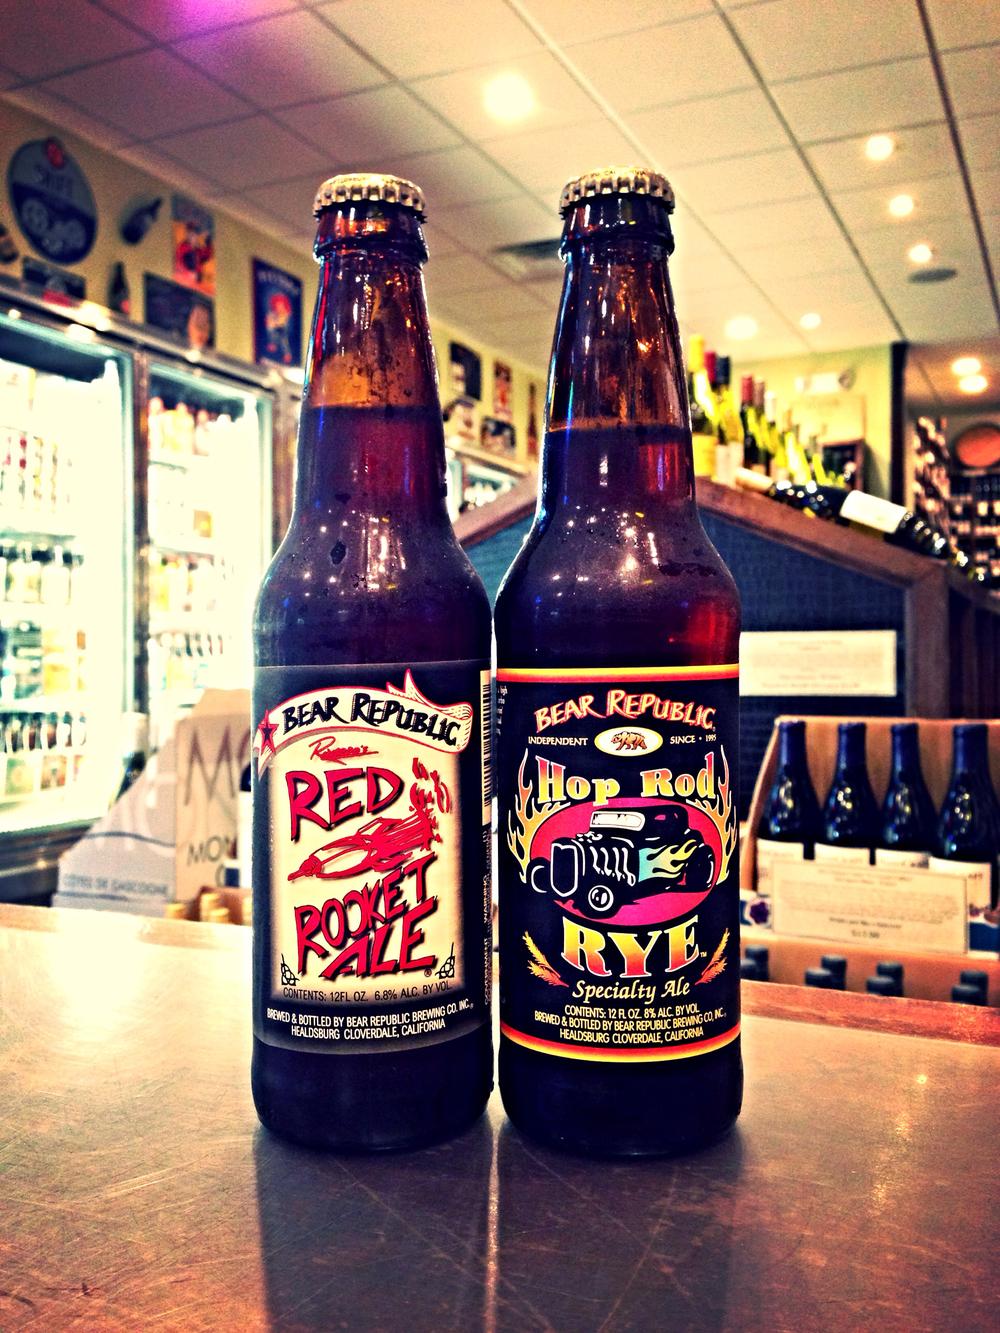 Bear Republic Red Rocket & Hop Rod Rye